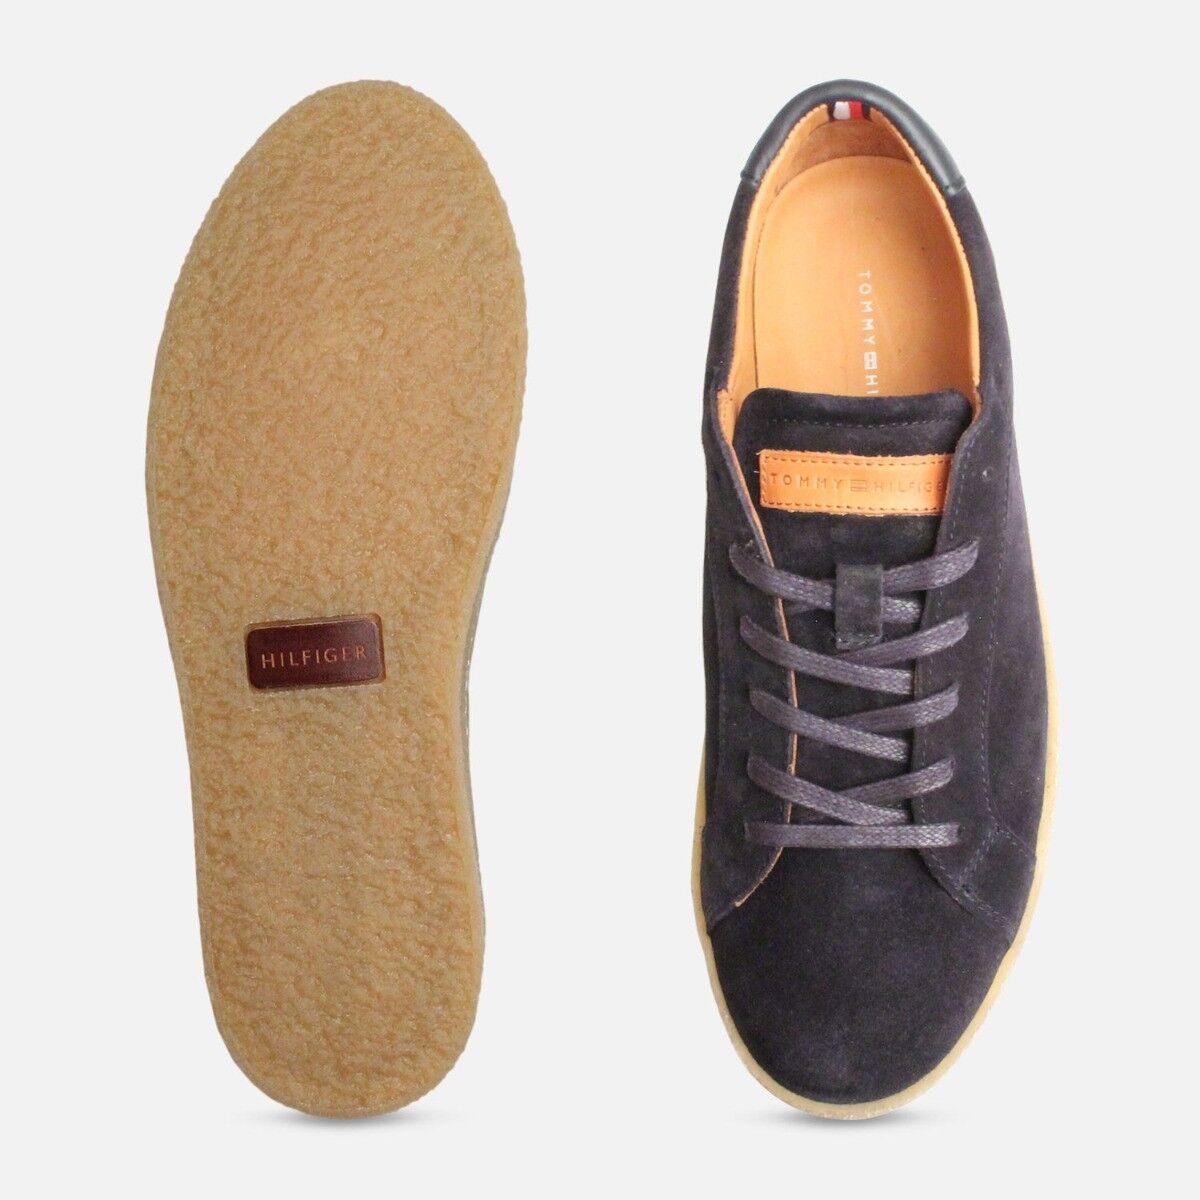 Tommy Hilfiger de Luxe bleu marine en daim chaussures de Hilfiger loisirs b62aee